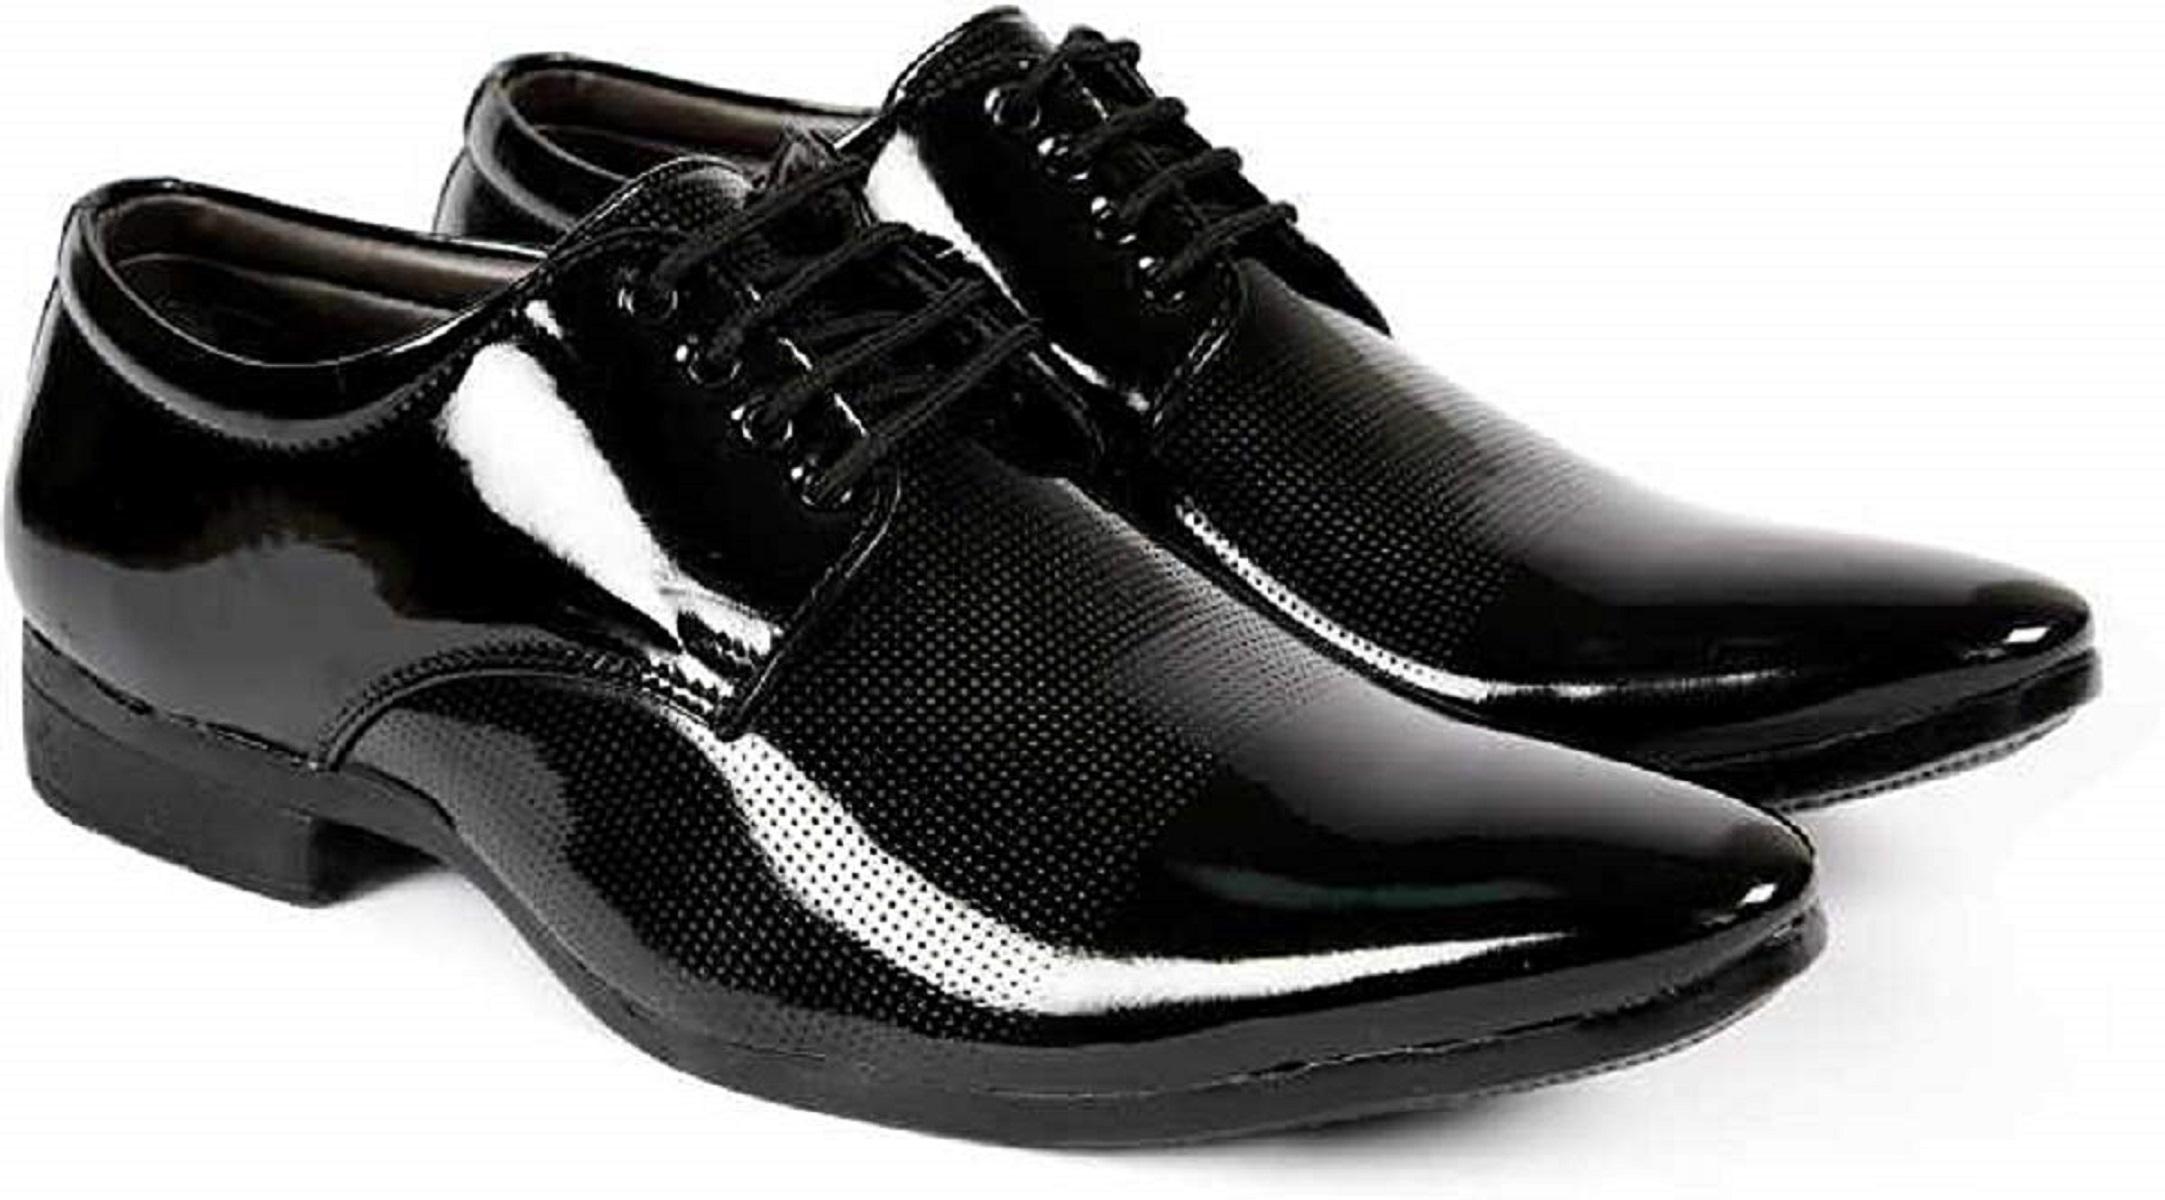 Jk Port Men's Black Genuine Leather Derby Party Formal Shoes